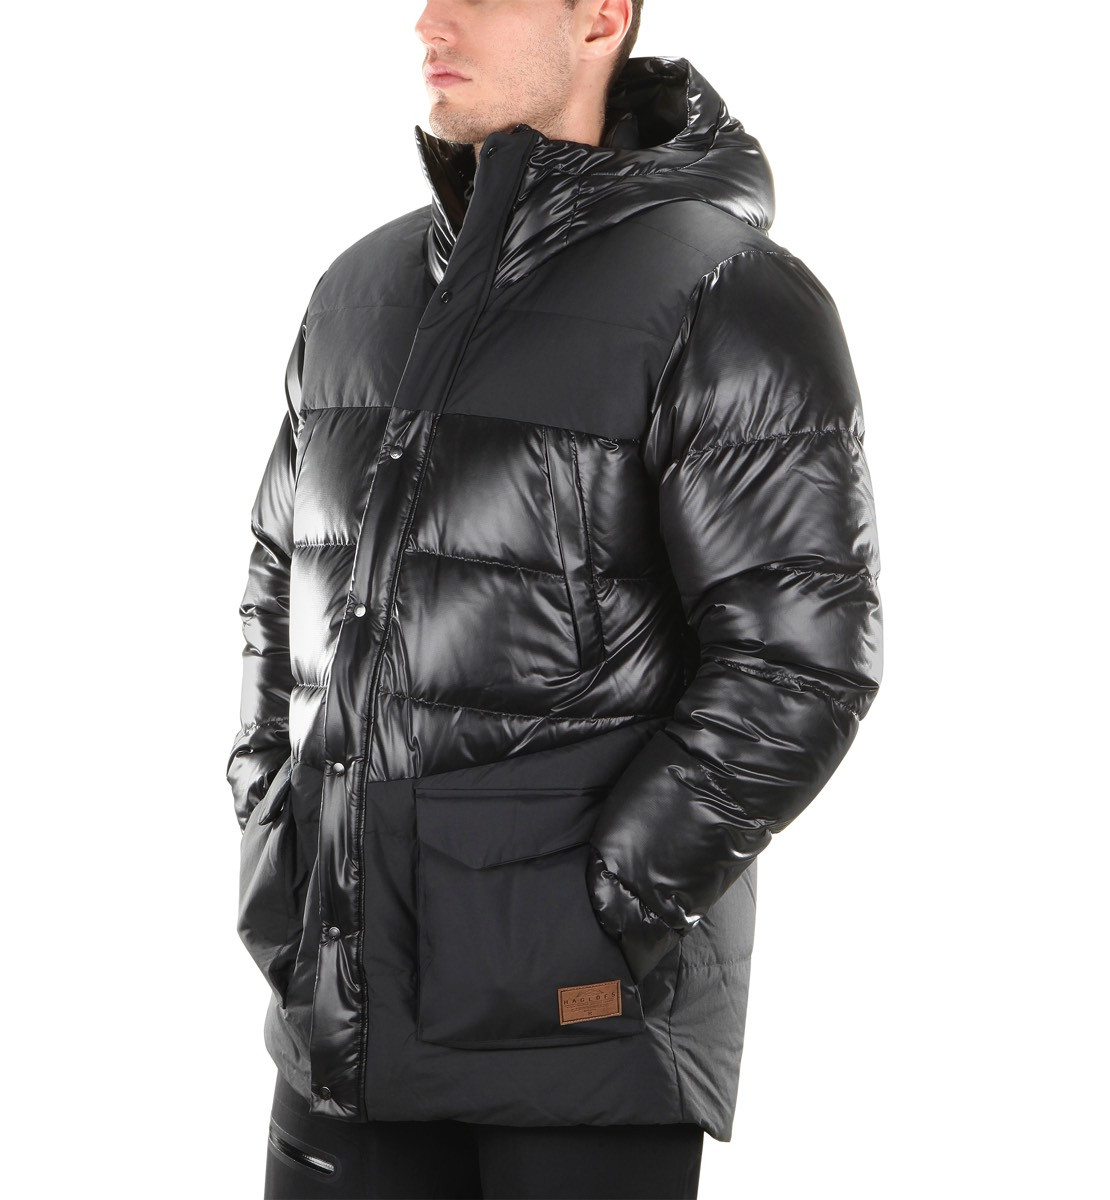 a1b3b06a8f9 Haglöfs Venjan Down Jacket Men True Black | Fjellsport.no